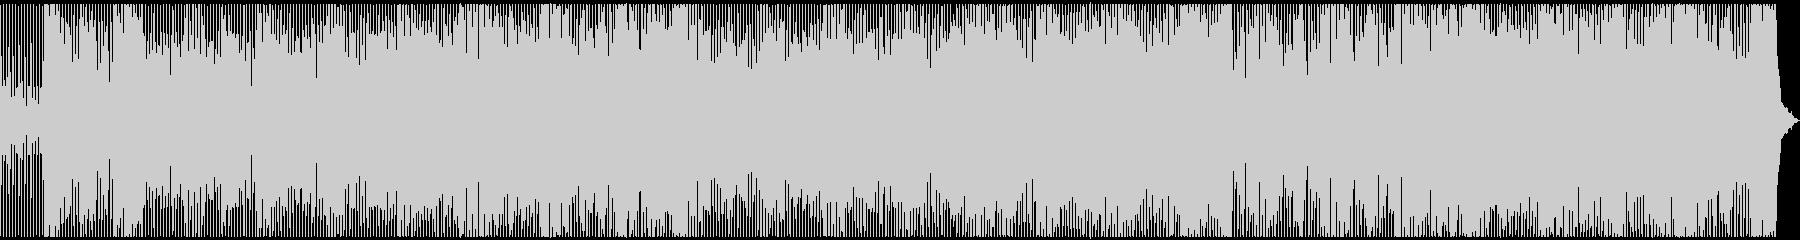 レトロでポップでキャッチーなディスコの未再生の波形